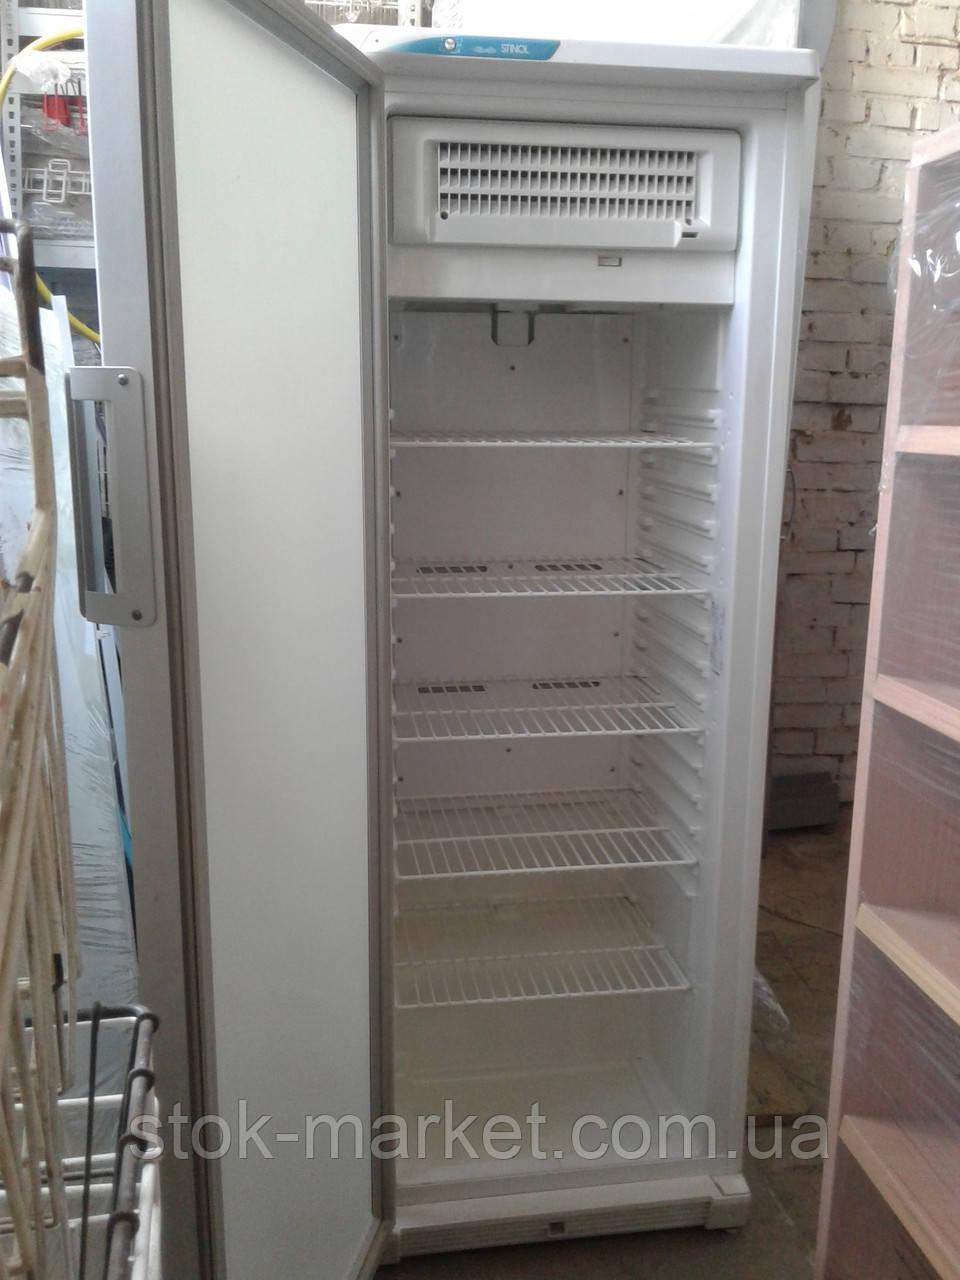 Холодильный средне температурный шкафчик Stinol б/у, холодильный шкаф б у, шкаф витрина б у